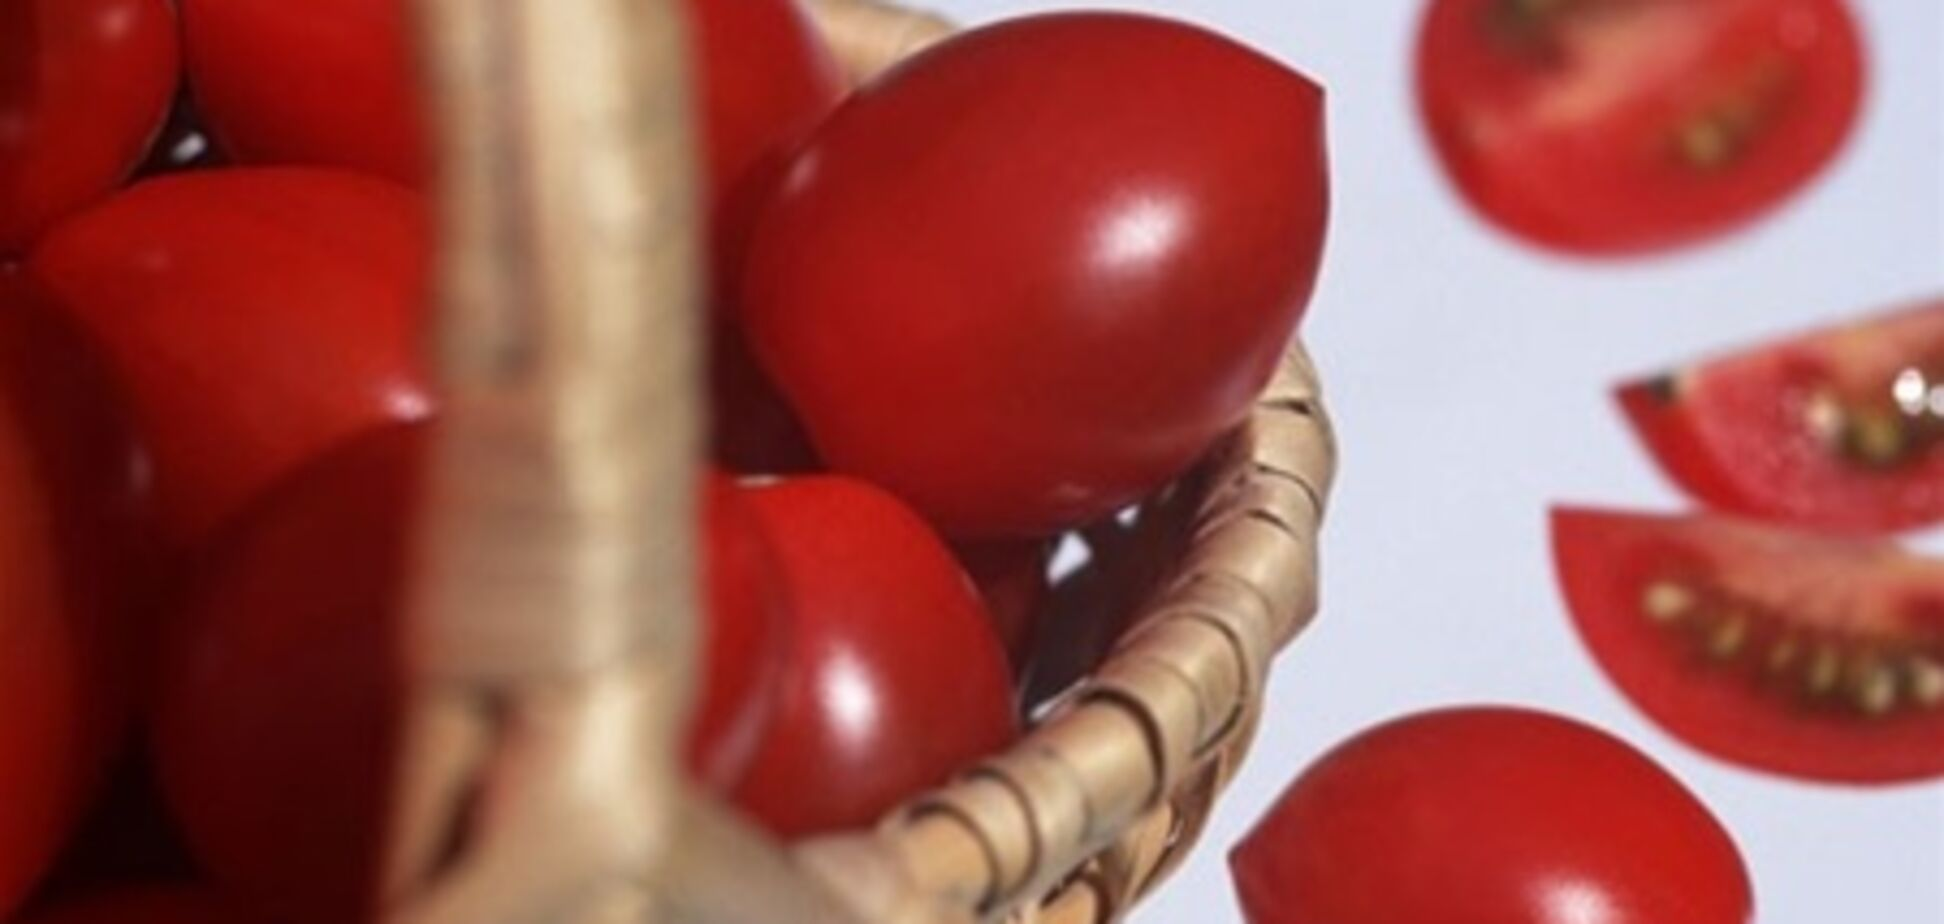 Как выбирать и хранить помидоры